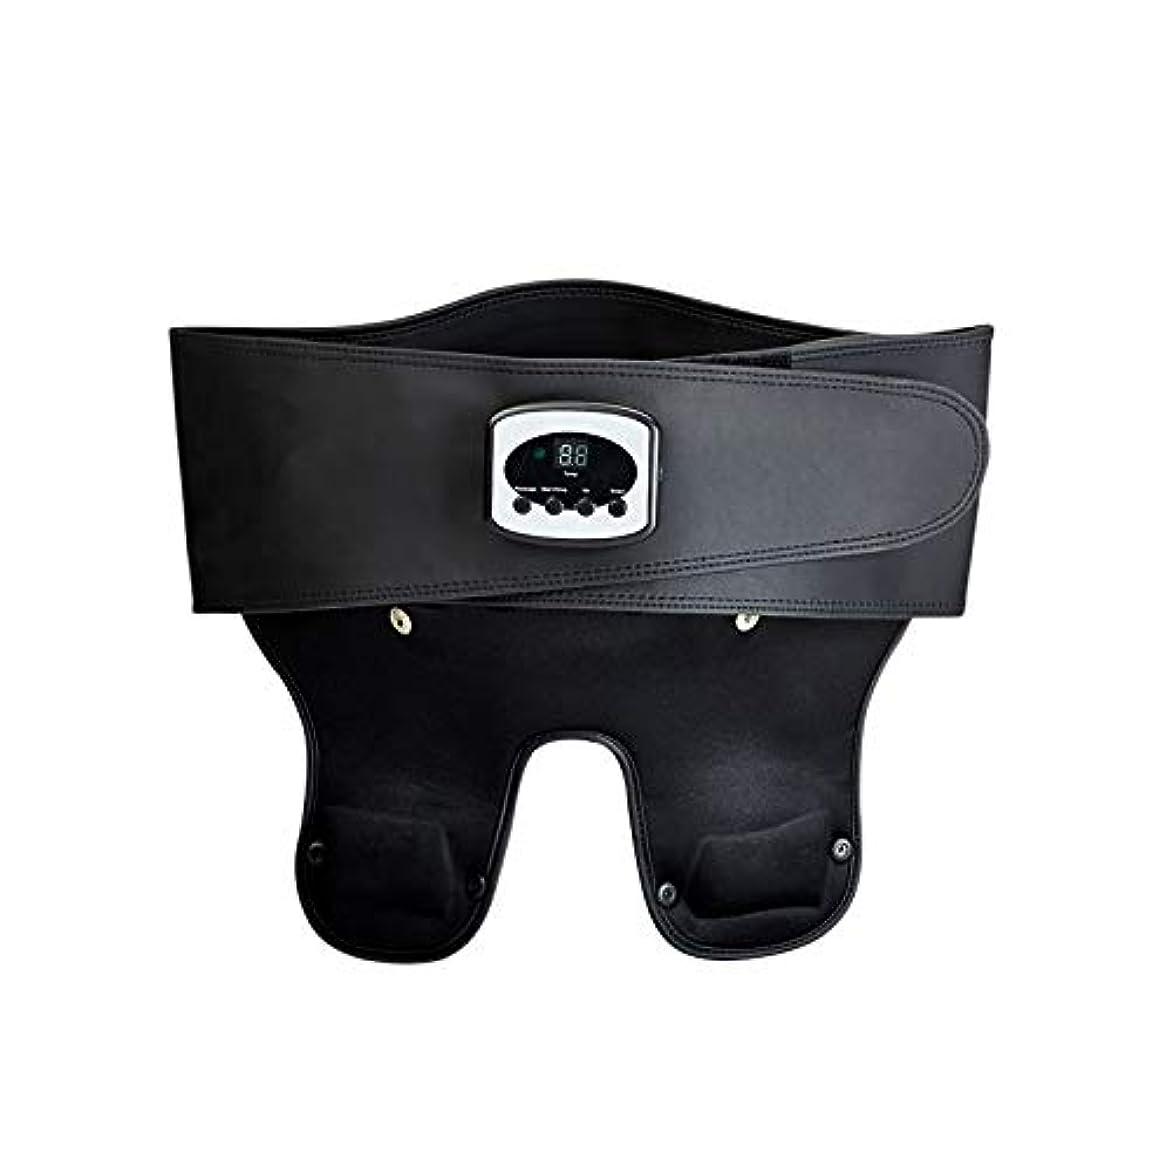 近々視力民族主義Healthy Waist Massager - Heat Conductor, Infrared Lights, Vibration Massage, Adjustable Temperature